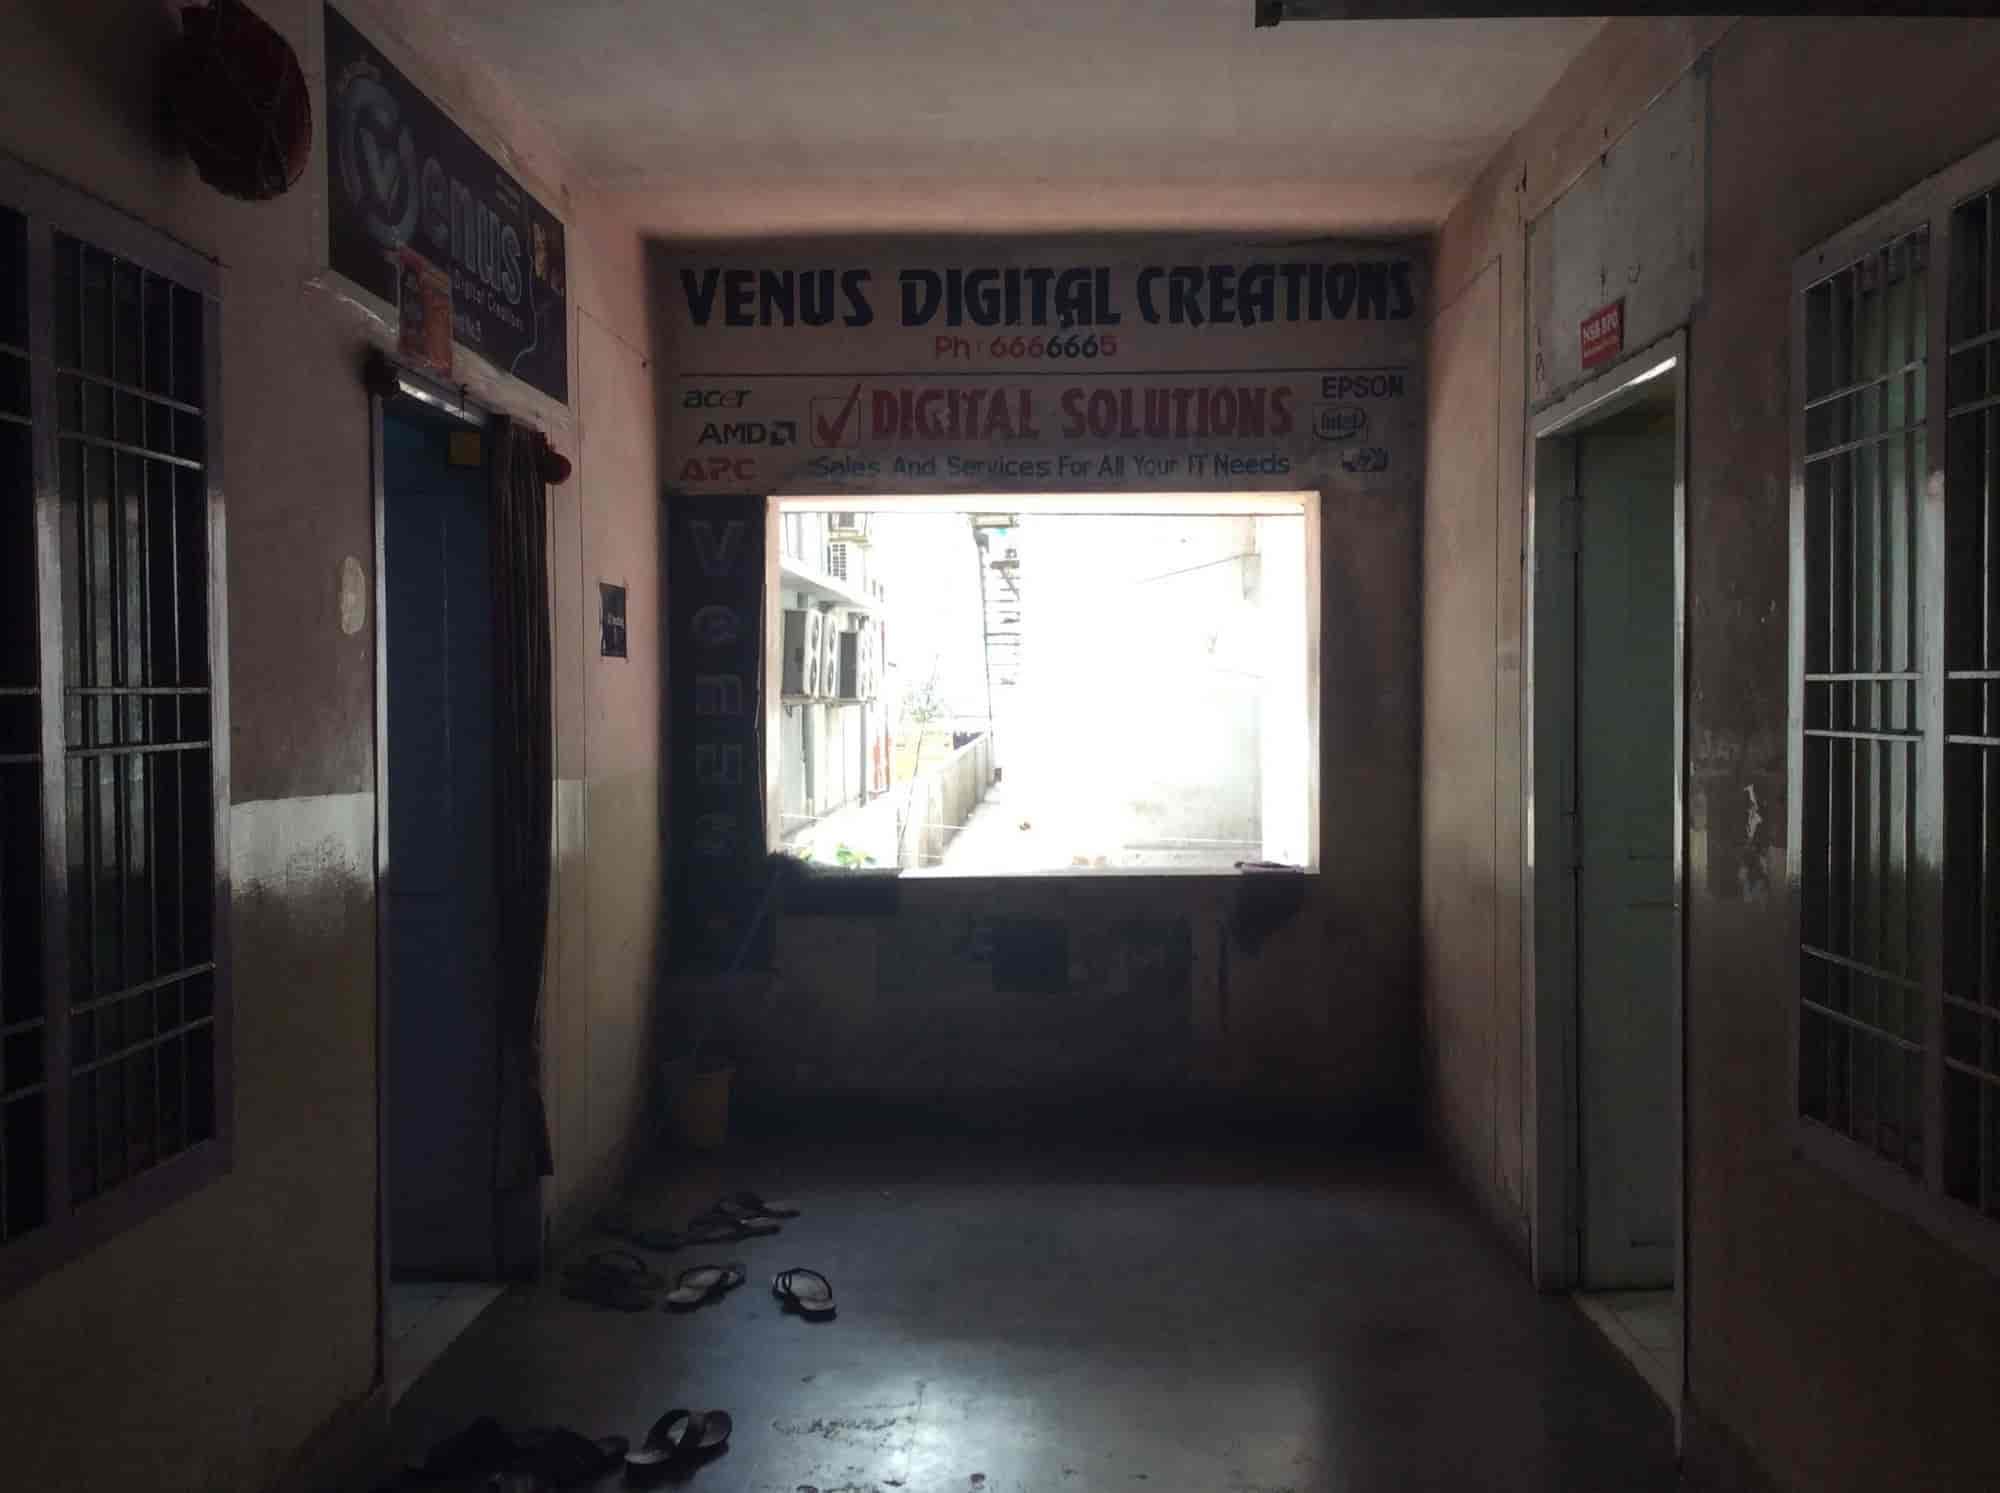 Venus Digital Creations Photos, Dwaraka Nagar, Visakhapatnam